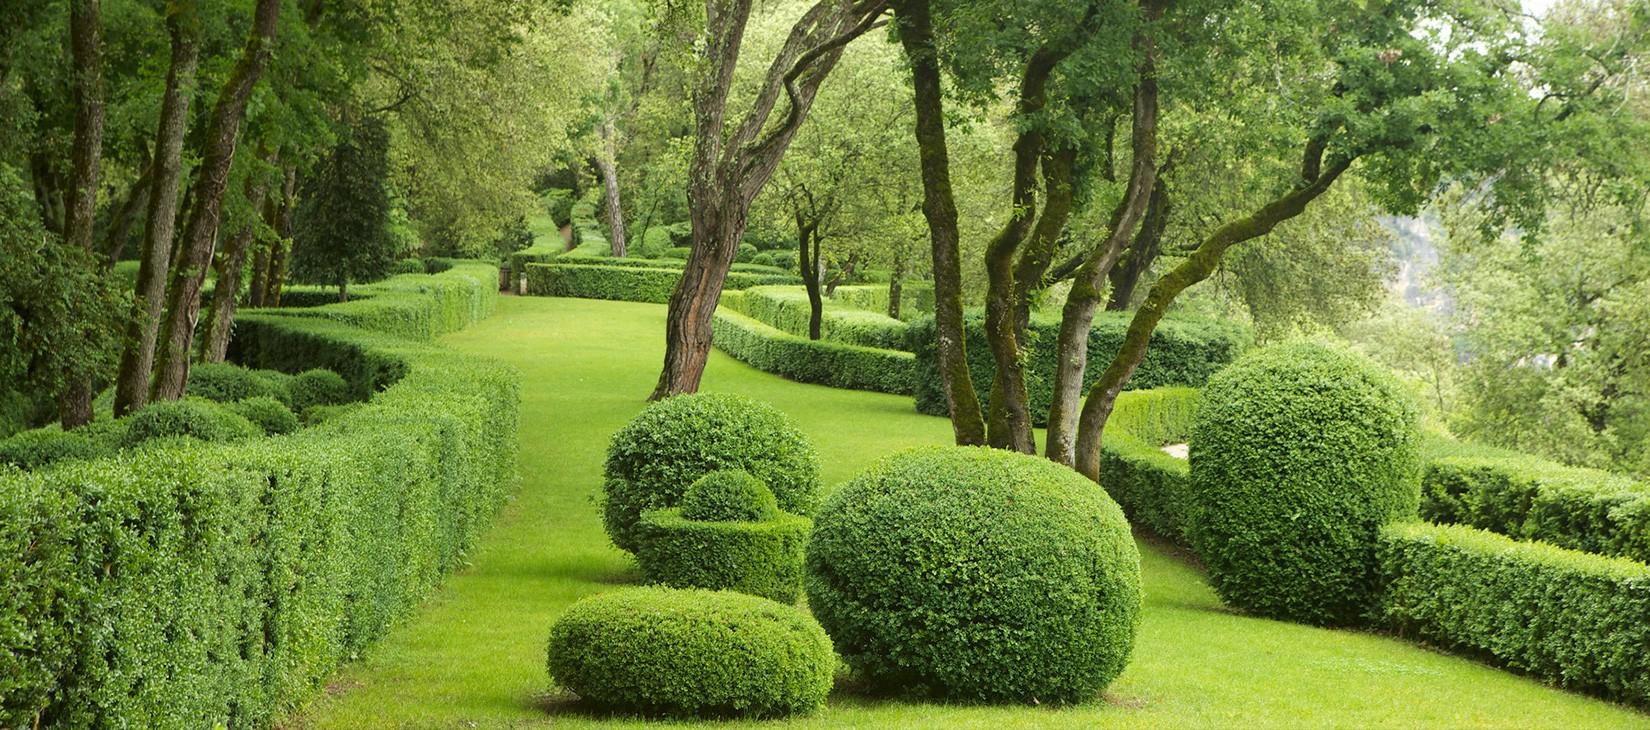 Accueil jardin jardinerie dalhem li ge for Dans un jardin boutique